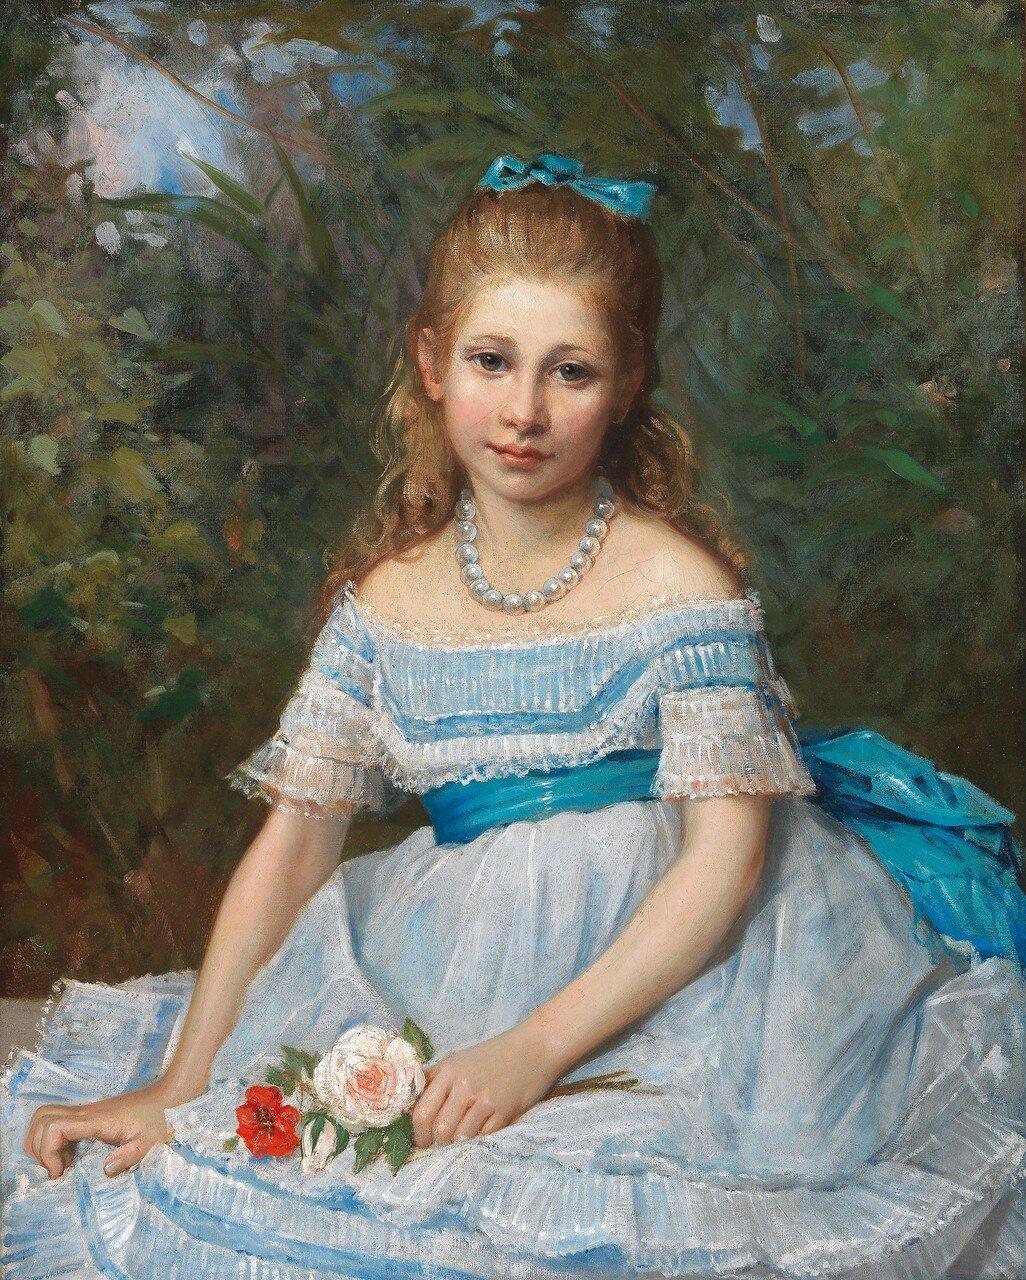 Frankreich, 19. JahrhundertMädchen im blauen Kleid mit Rosen